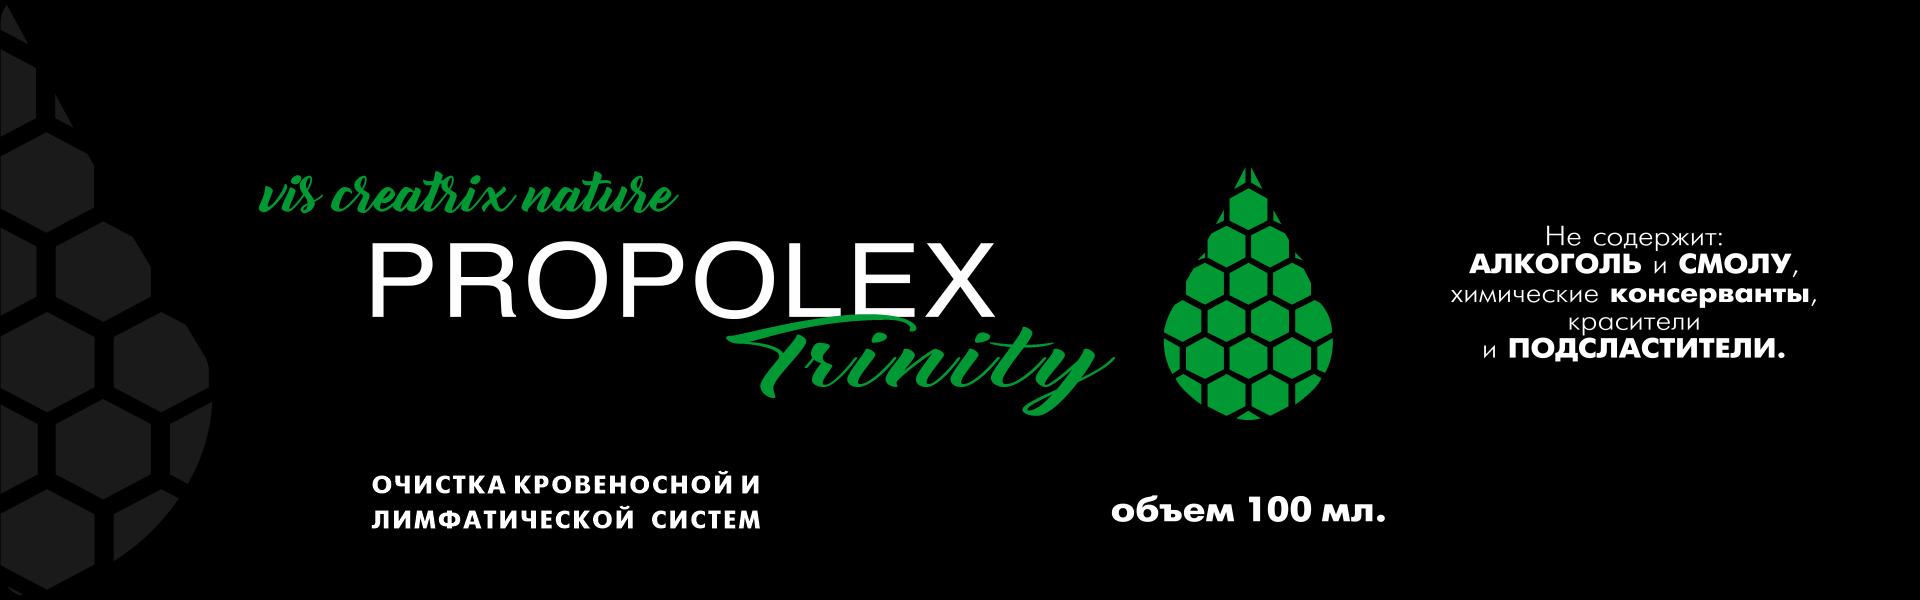 propolex trinity